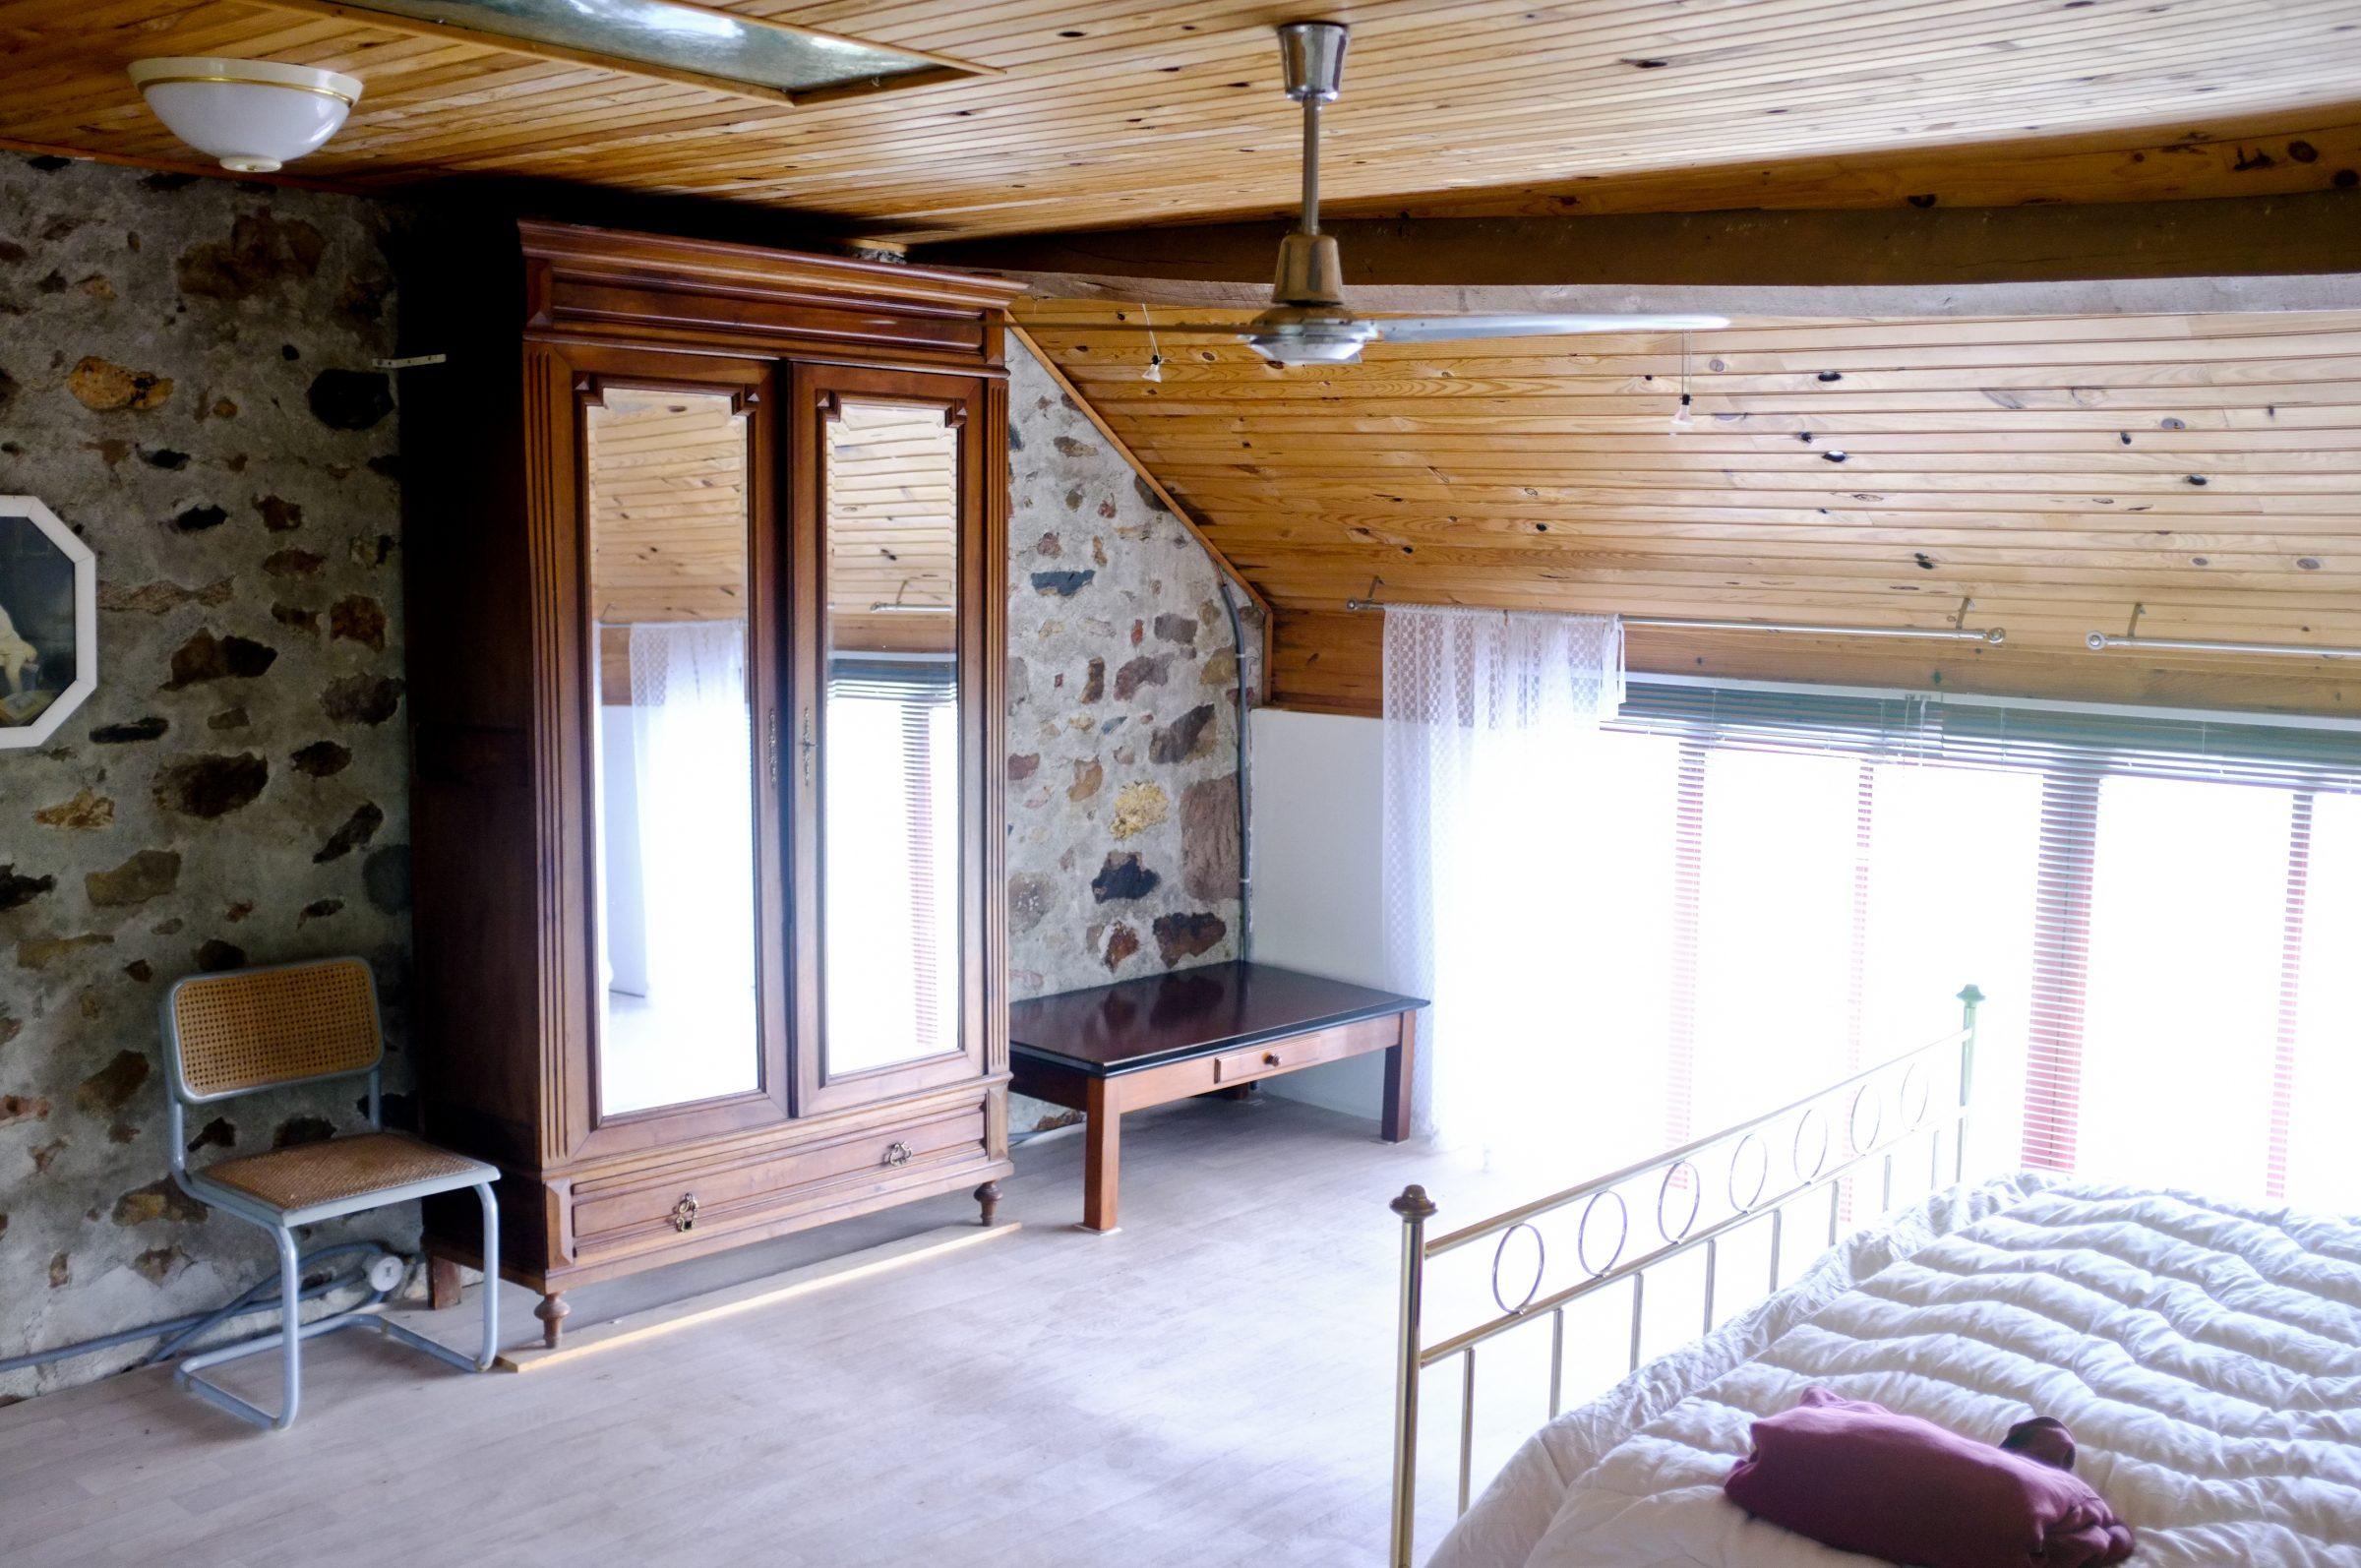 Slaapkamer Met Antieke Kast Maison Perdu